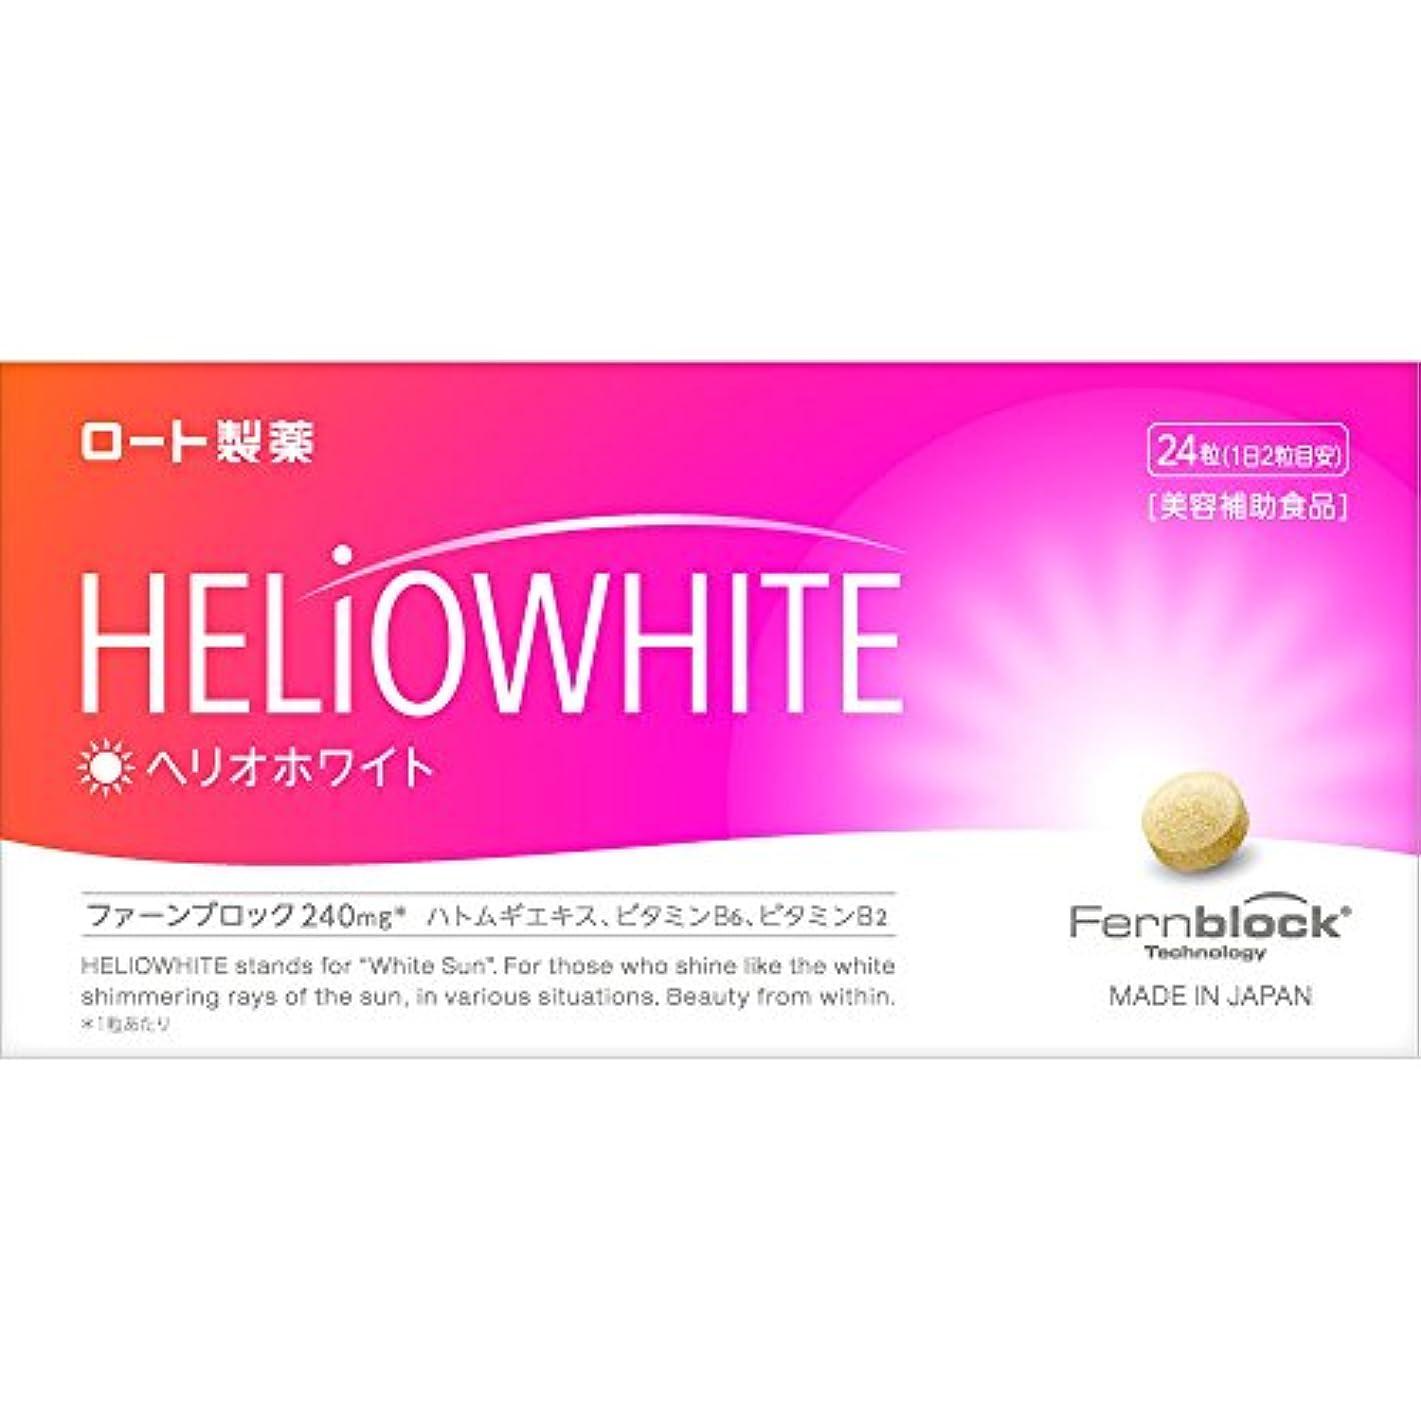 霜異議夜間ロート製薬 ヘリオホワイト 24粒 シダ植物抽出成分 ファーンブロック Fernblock 240mg 配合 美容補助食品